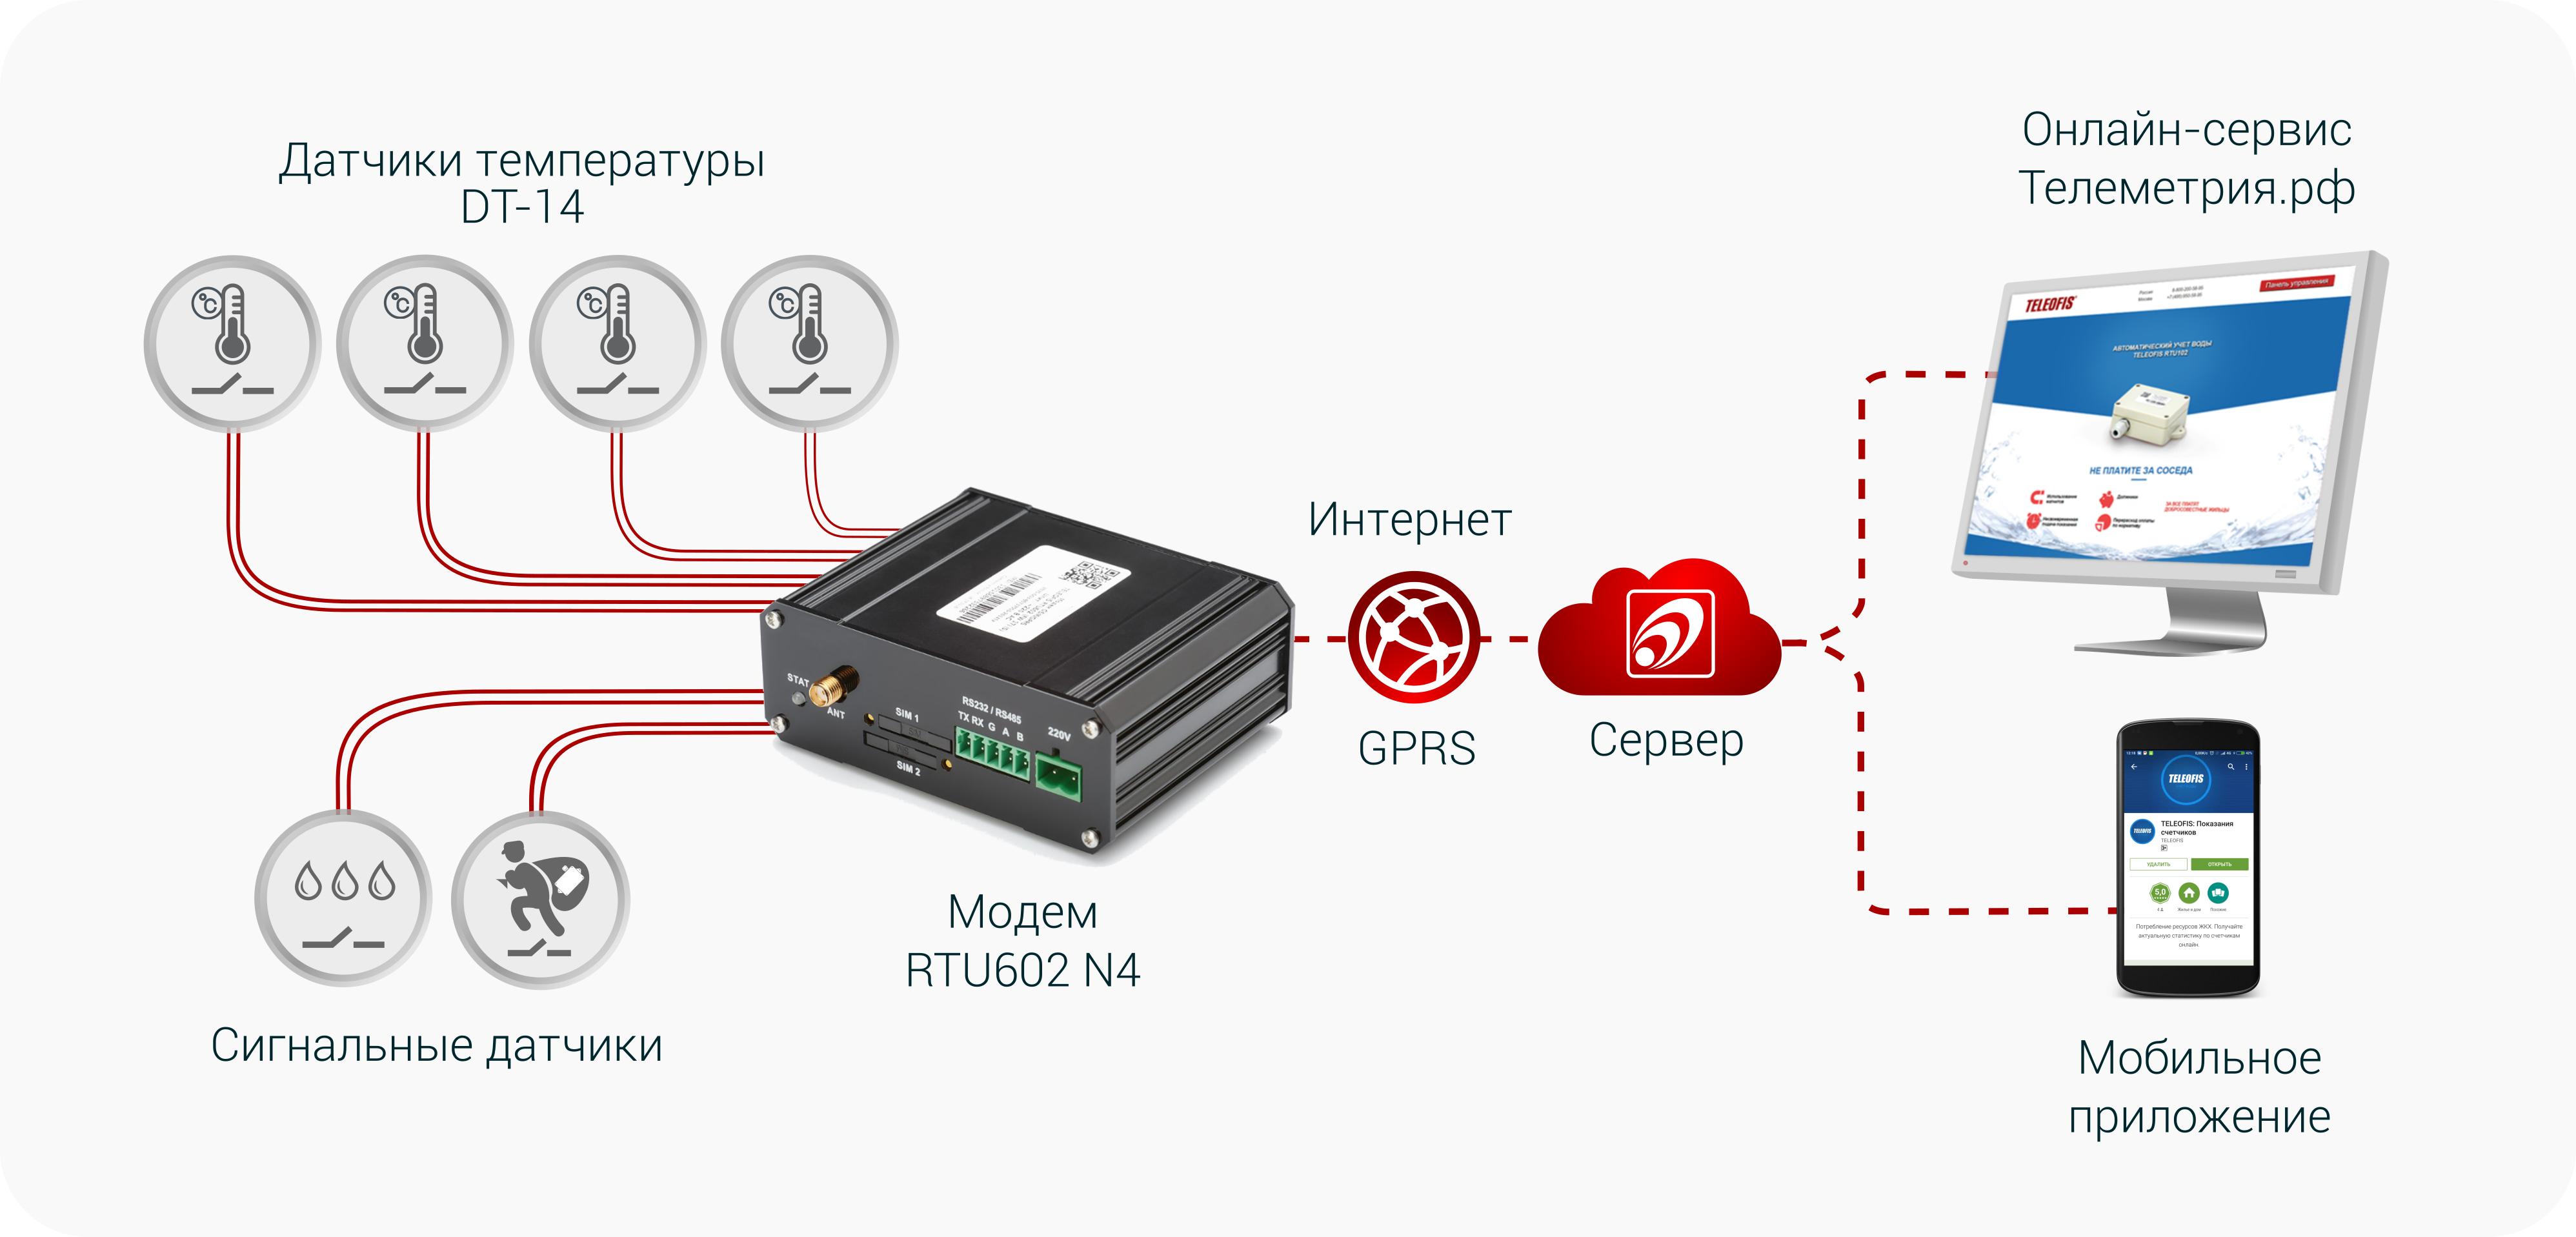 Схема применения УСПД RTU602 N4 в системах учета тепла